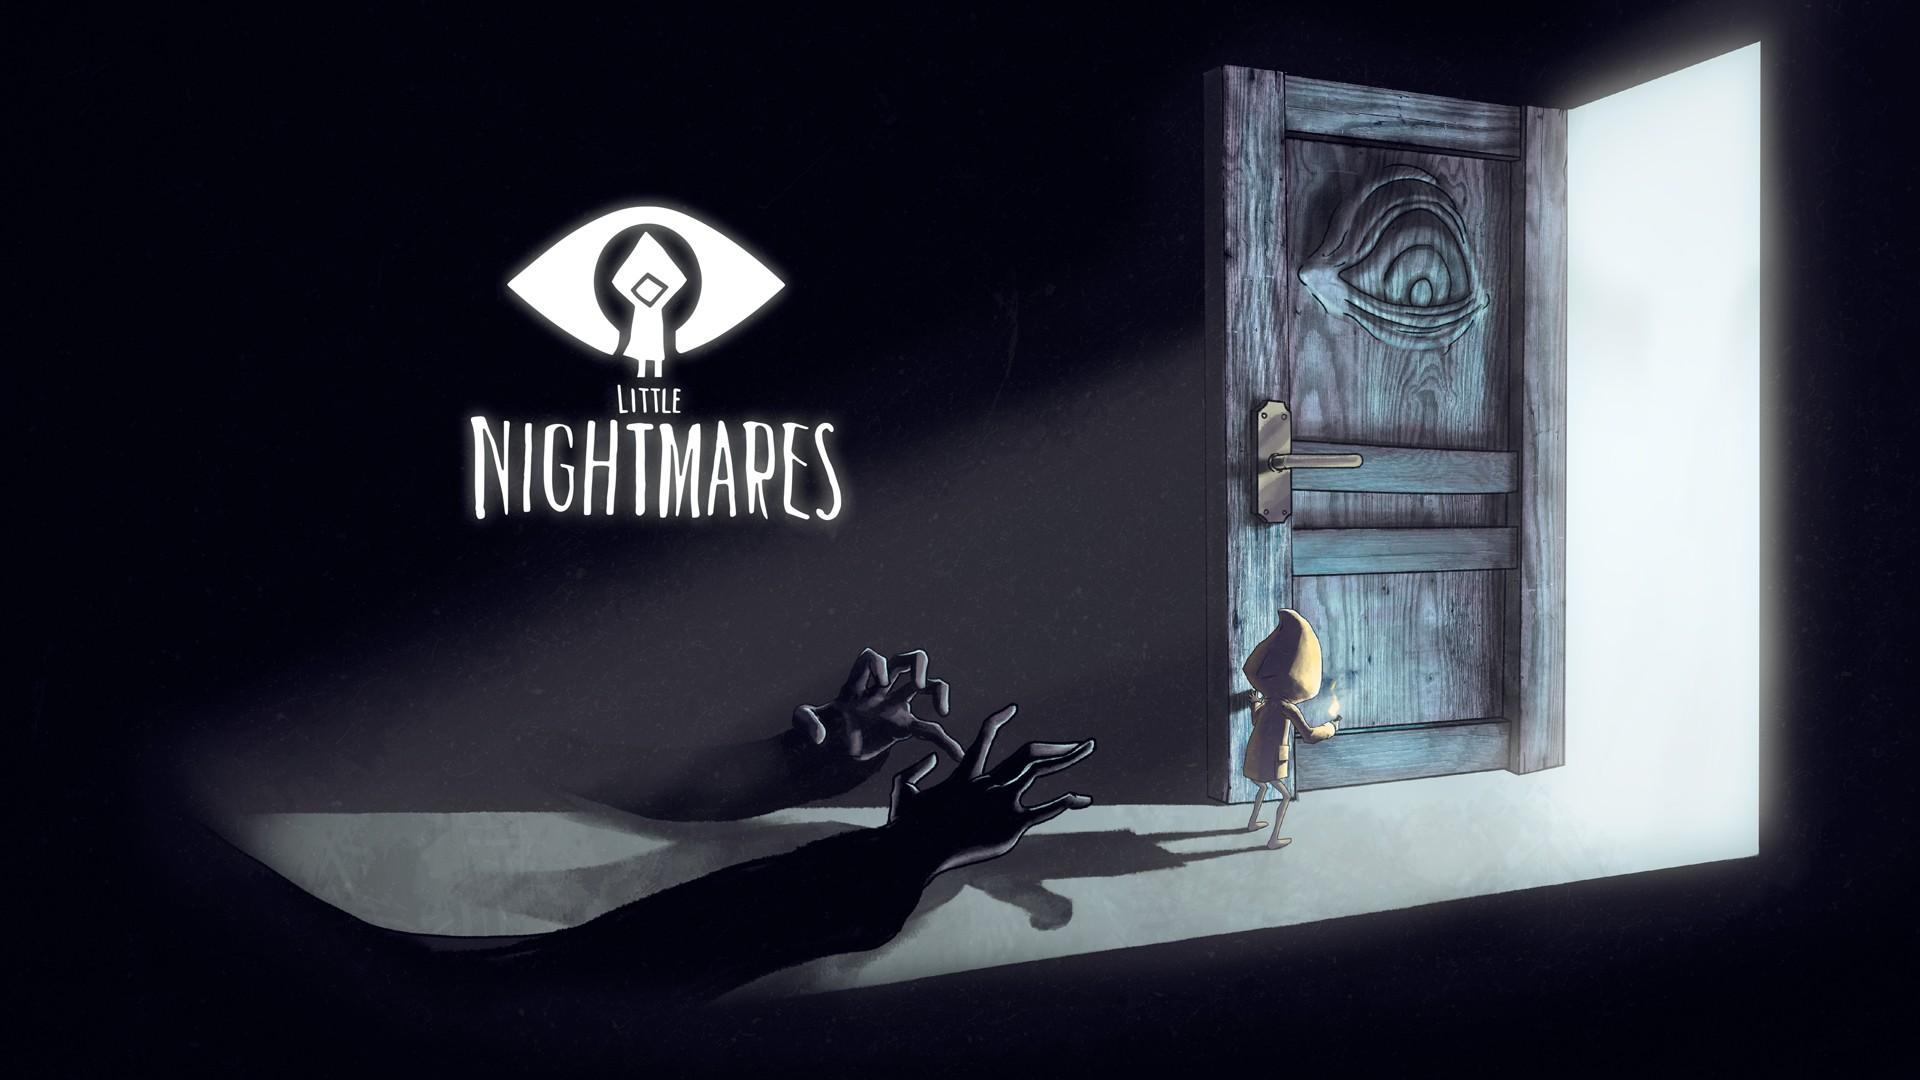 Little Nightmares Wallpaper